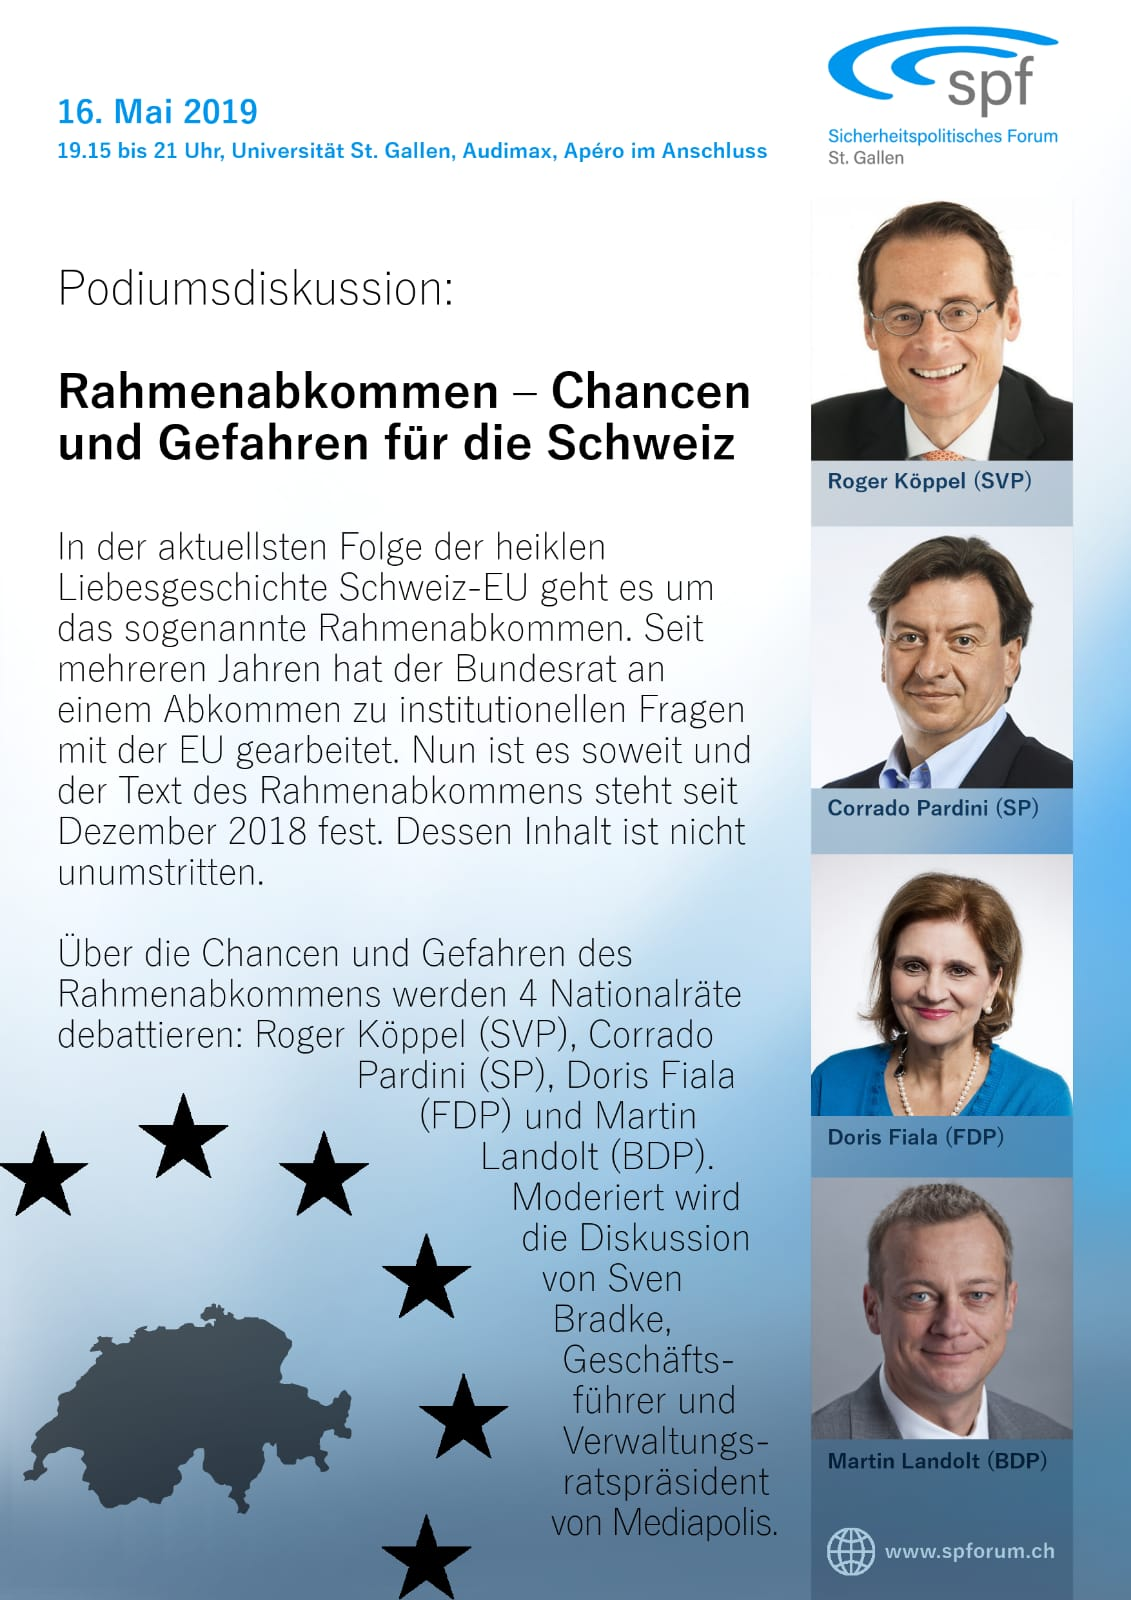 Podiumsdiskussion «Rahmenabkommen – Chancen und Gefahren für die Schweiz» u.a. mit Nationlrat Roger Köppel (Donnerstag, 16.05.2019 um  19.15 Uhr)